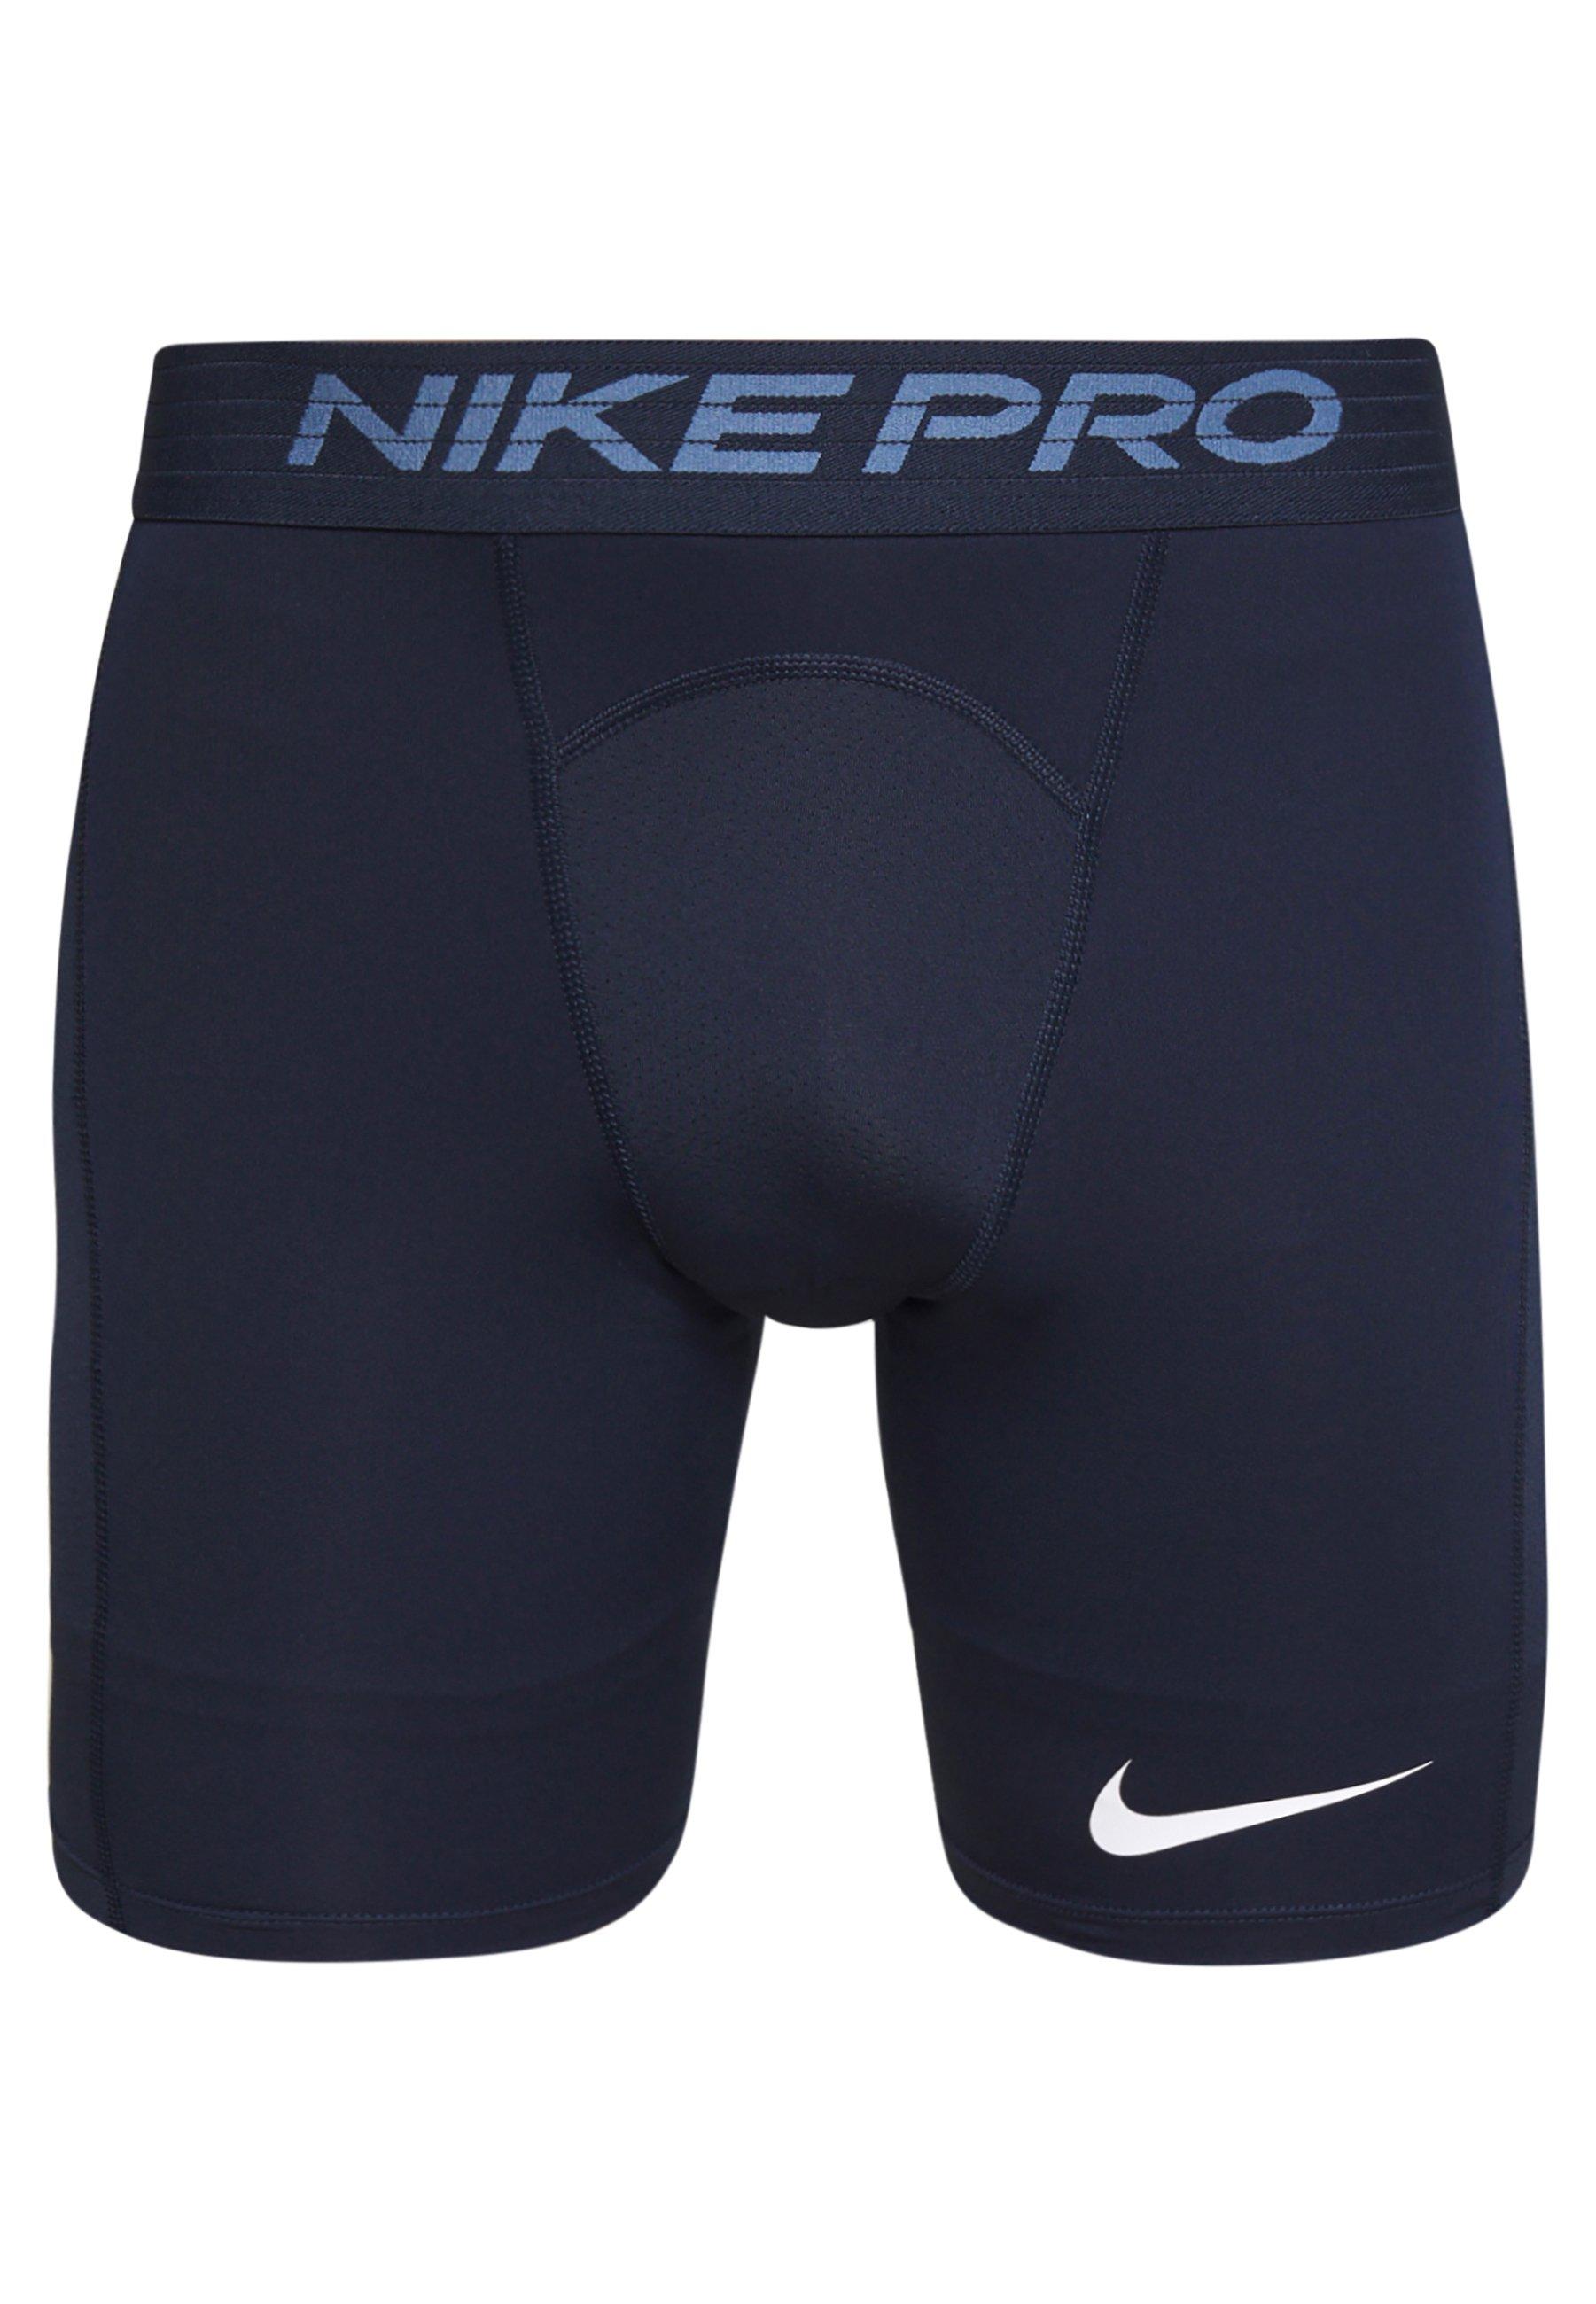 Nike Performance en ligne   Nouvelle collection sur Zalando